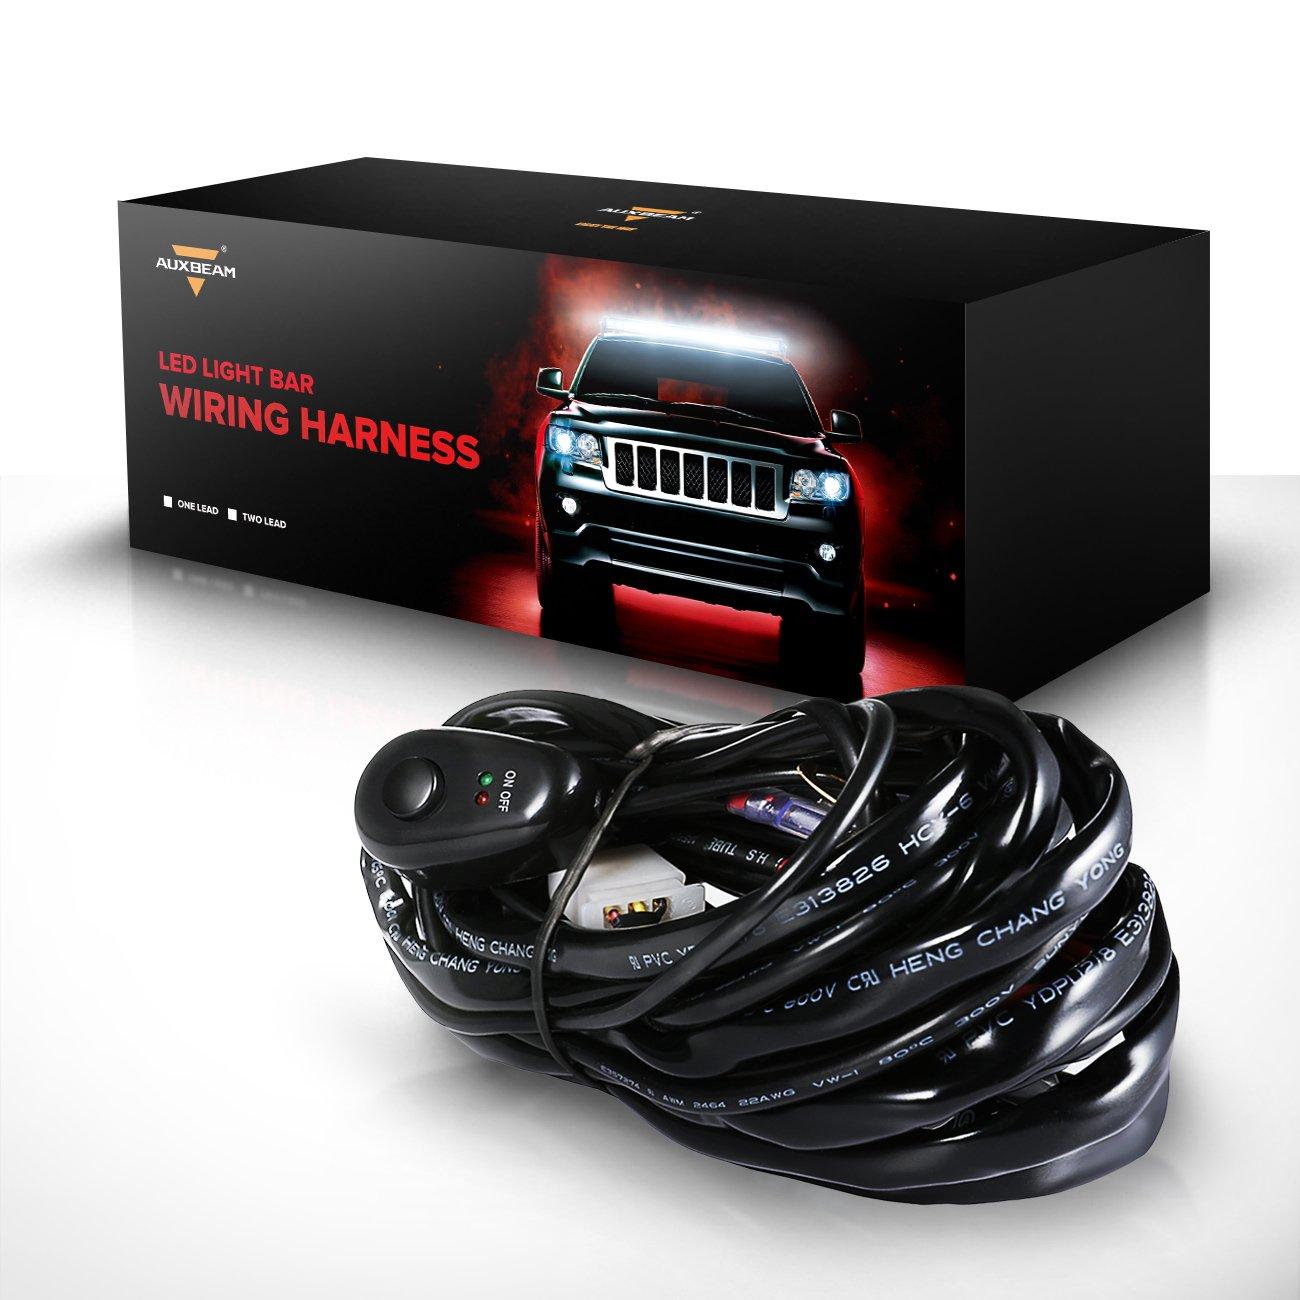 Auxbeam LED Light Bar Wiring Harness Kit 12V 40Amp Fuse Relay ON/OFF Switch  for Driving Light Fog Light Work Light ( 2 Lead )